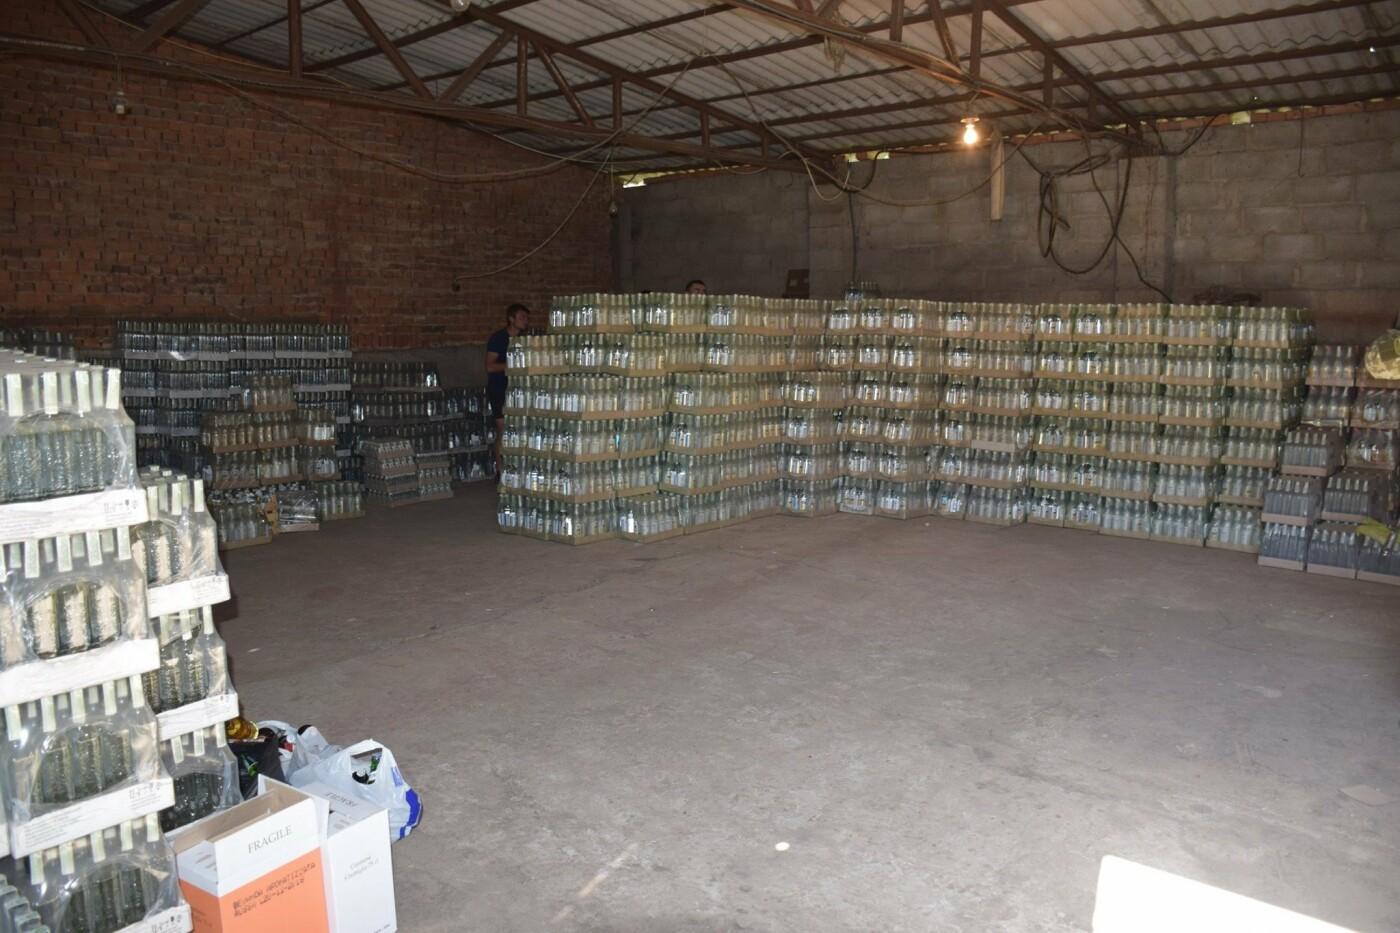 В Костянтинівці та Краматорську вилучили фальсифікований алкоголь на загальну  суму в 10 млн грн, фото-6